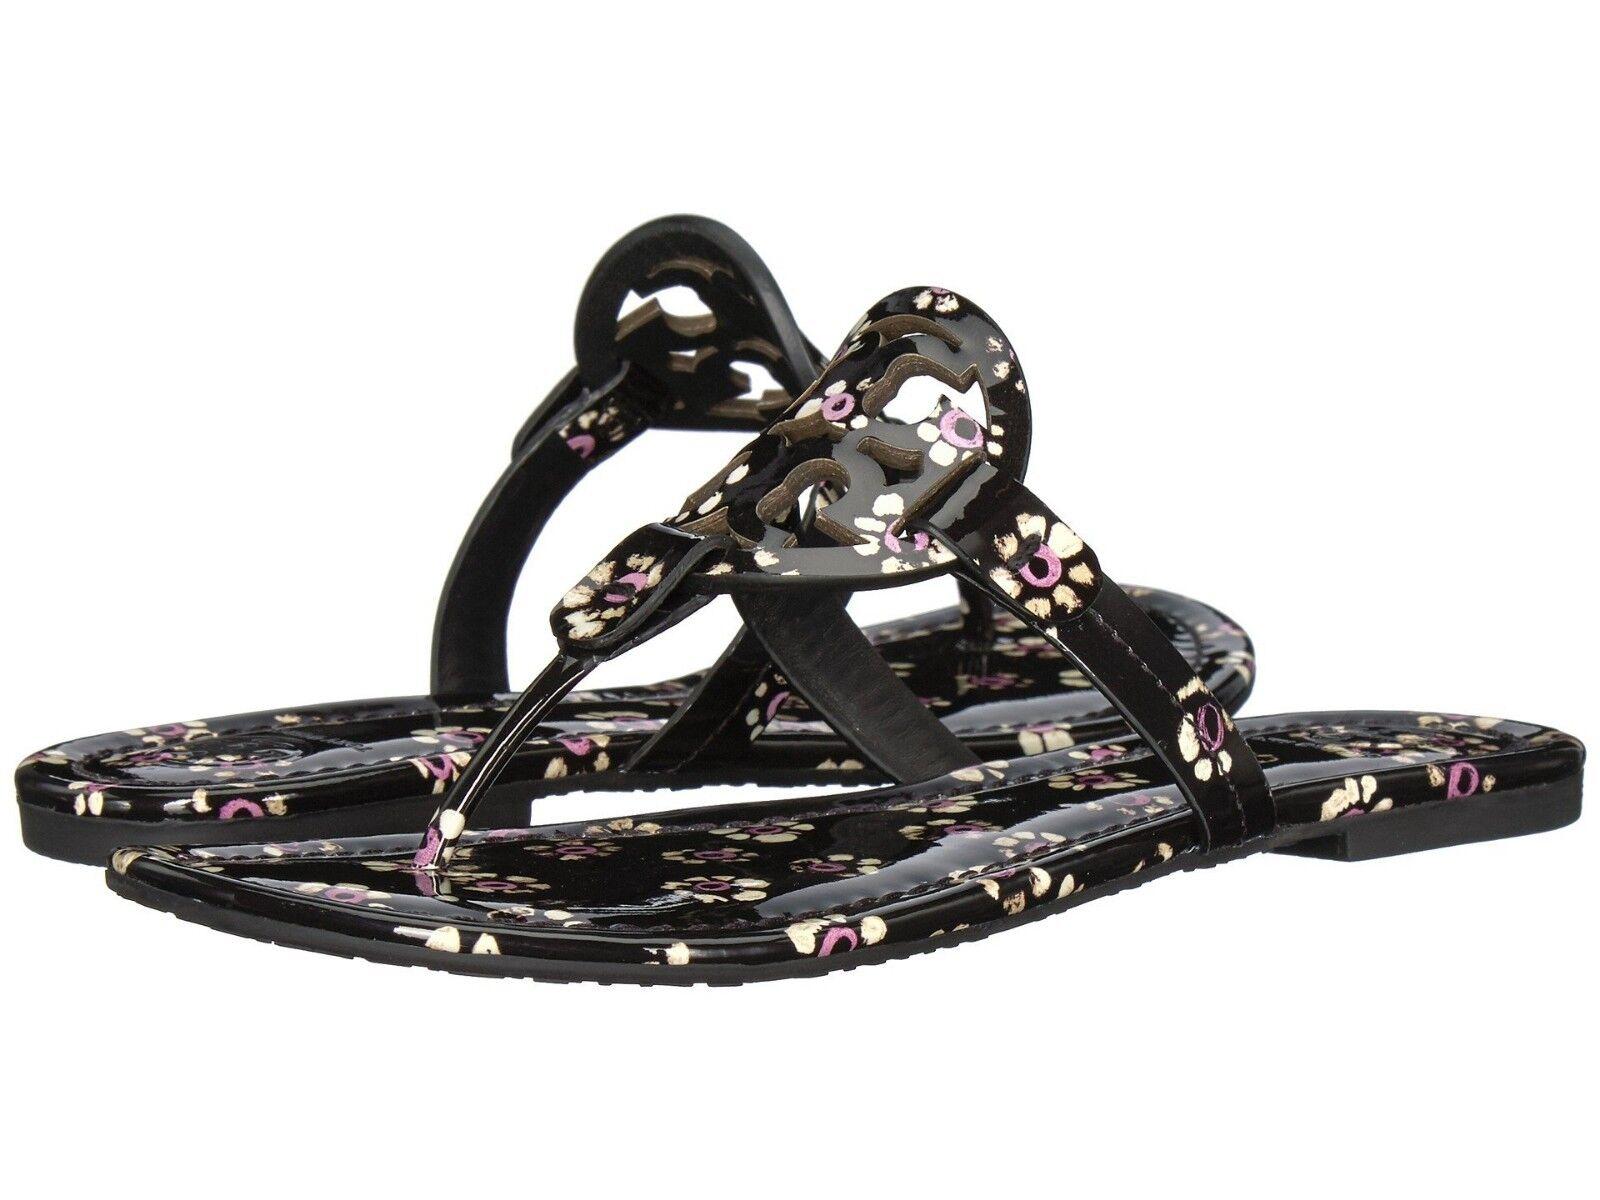 Tory Burch Miller Black Patent Stamped Floral Thongs Sandals Flip Flop 9.5 Slide